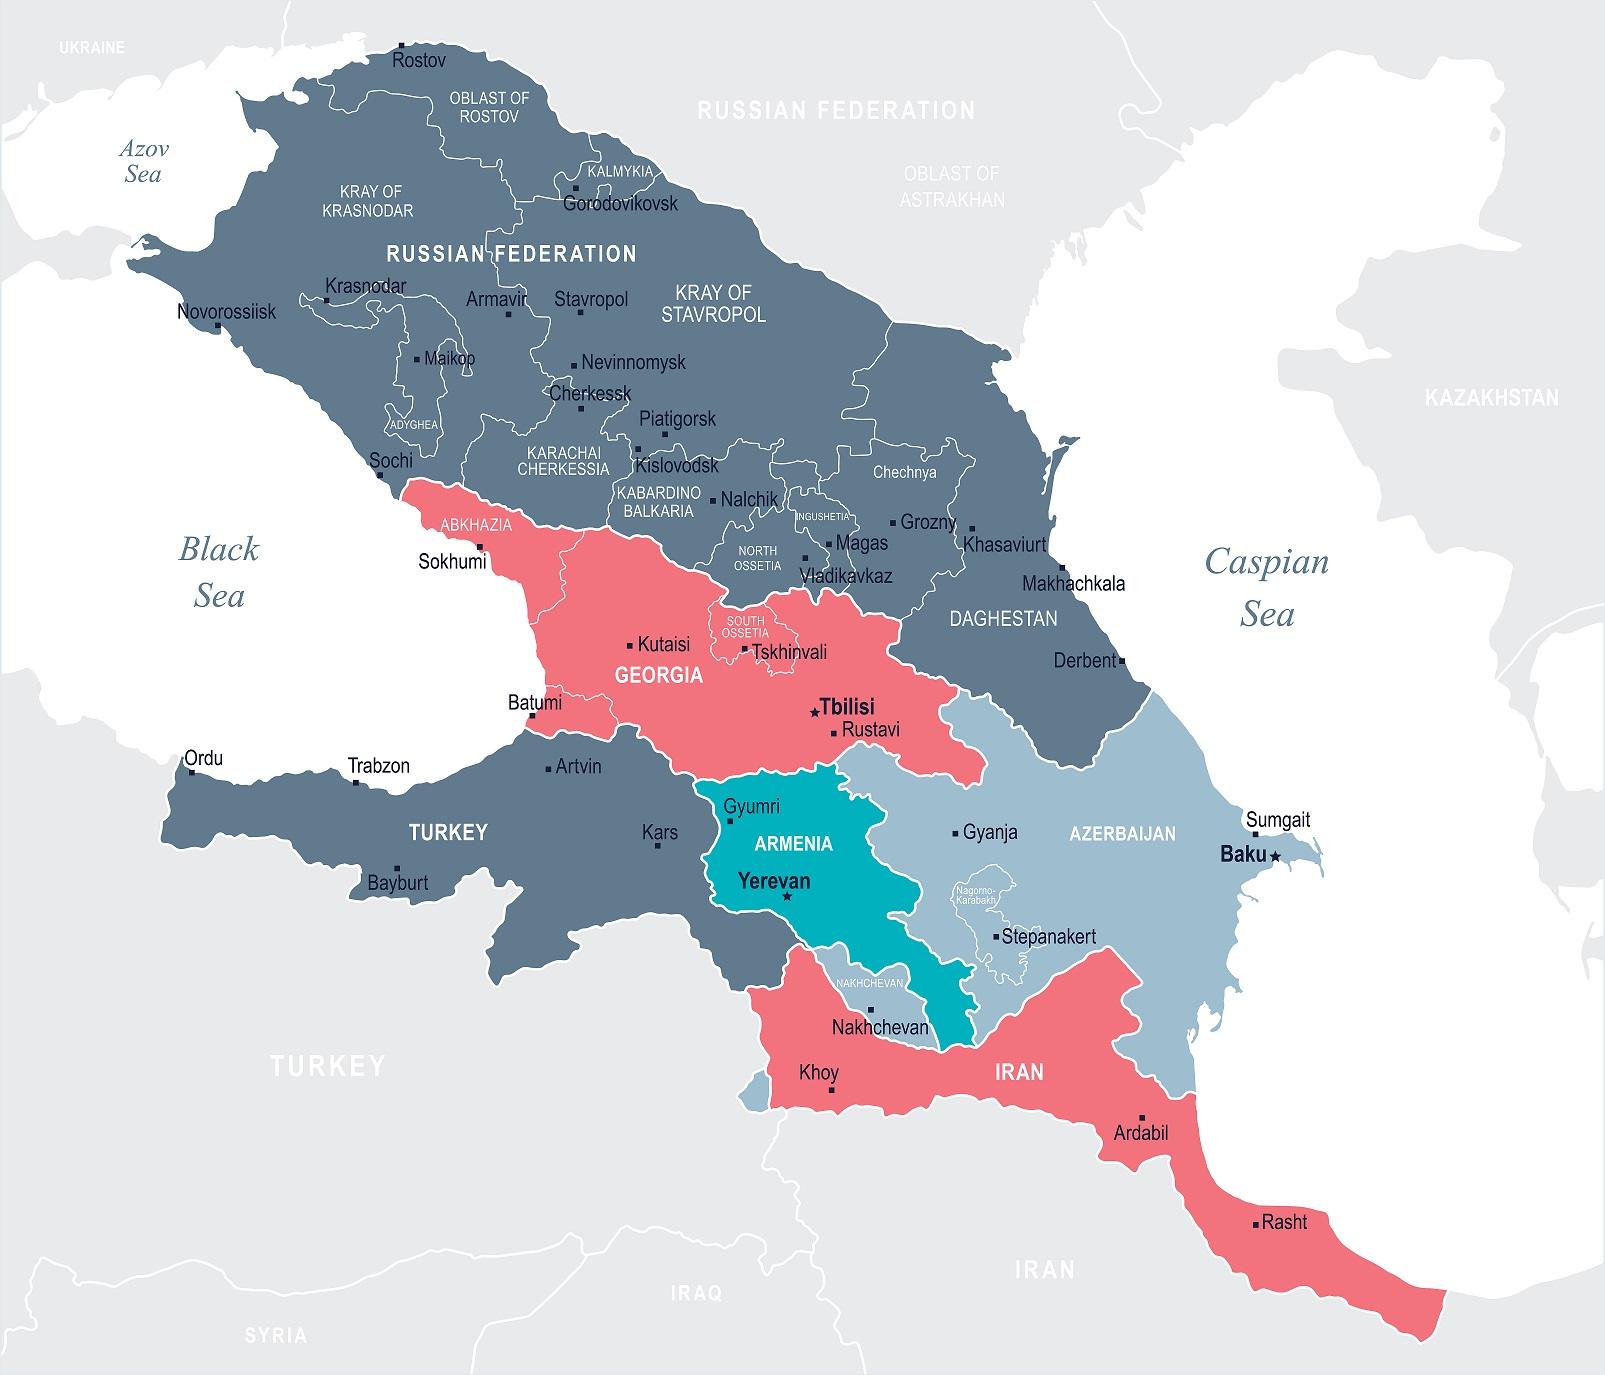 Mappa della regione caucasica